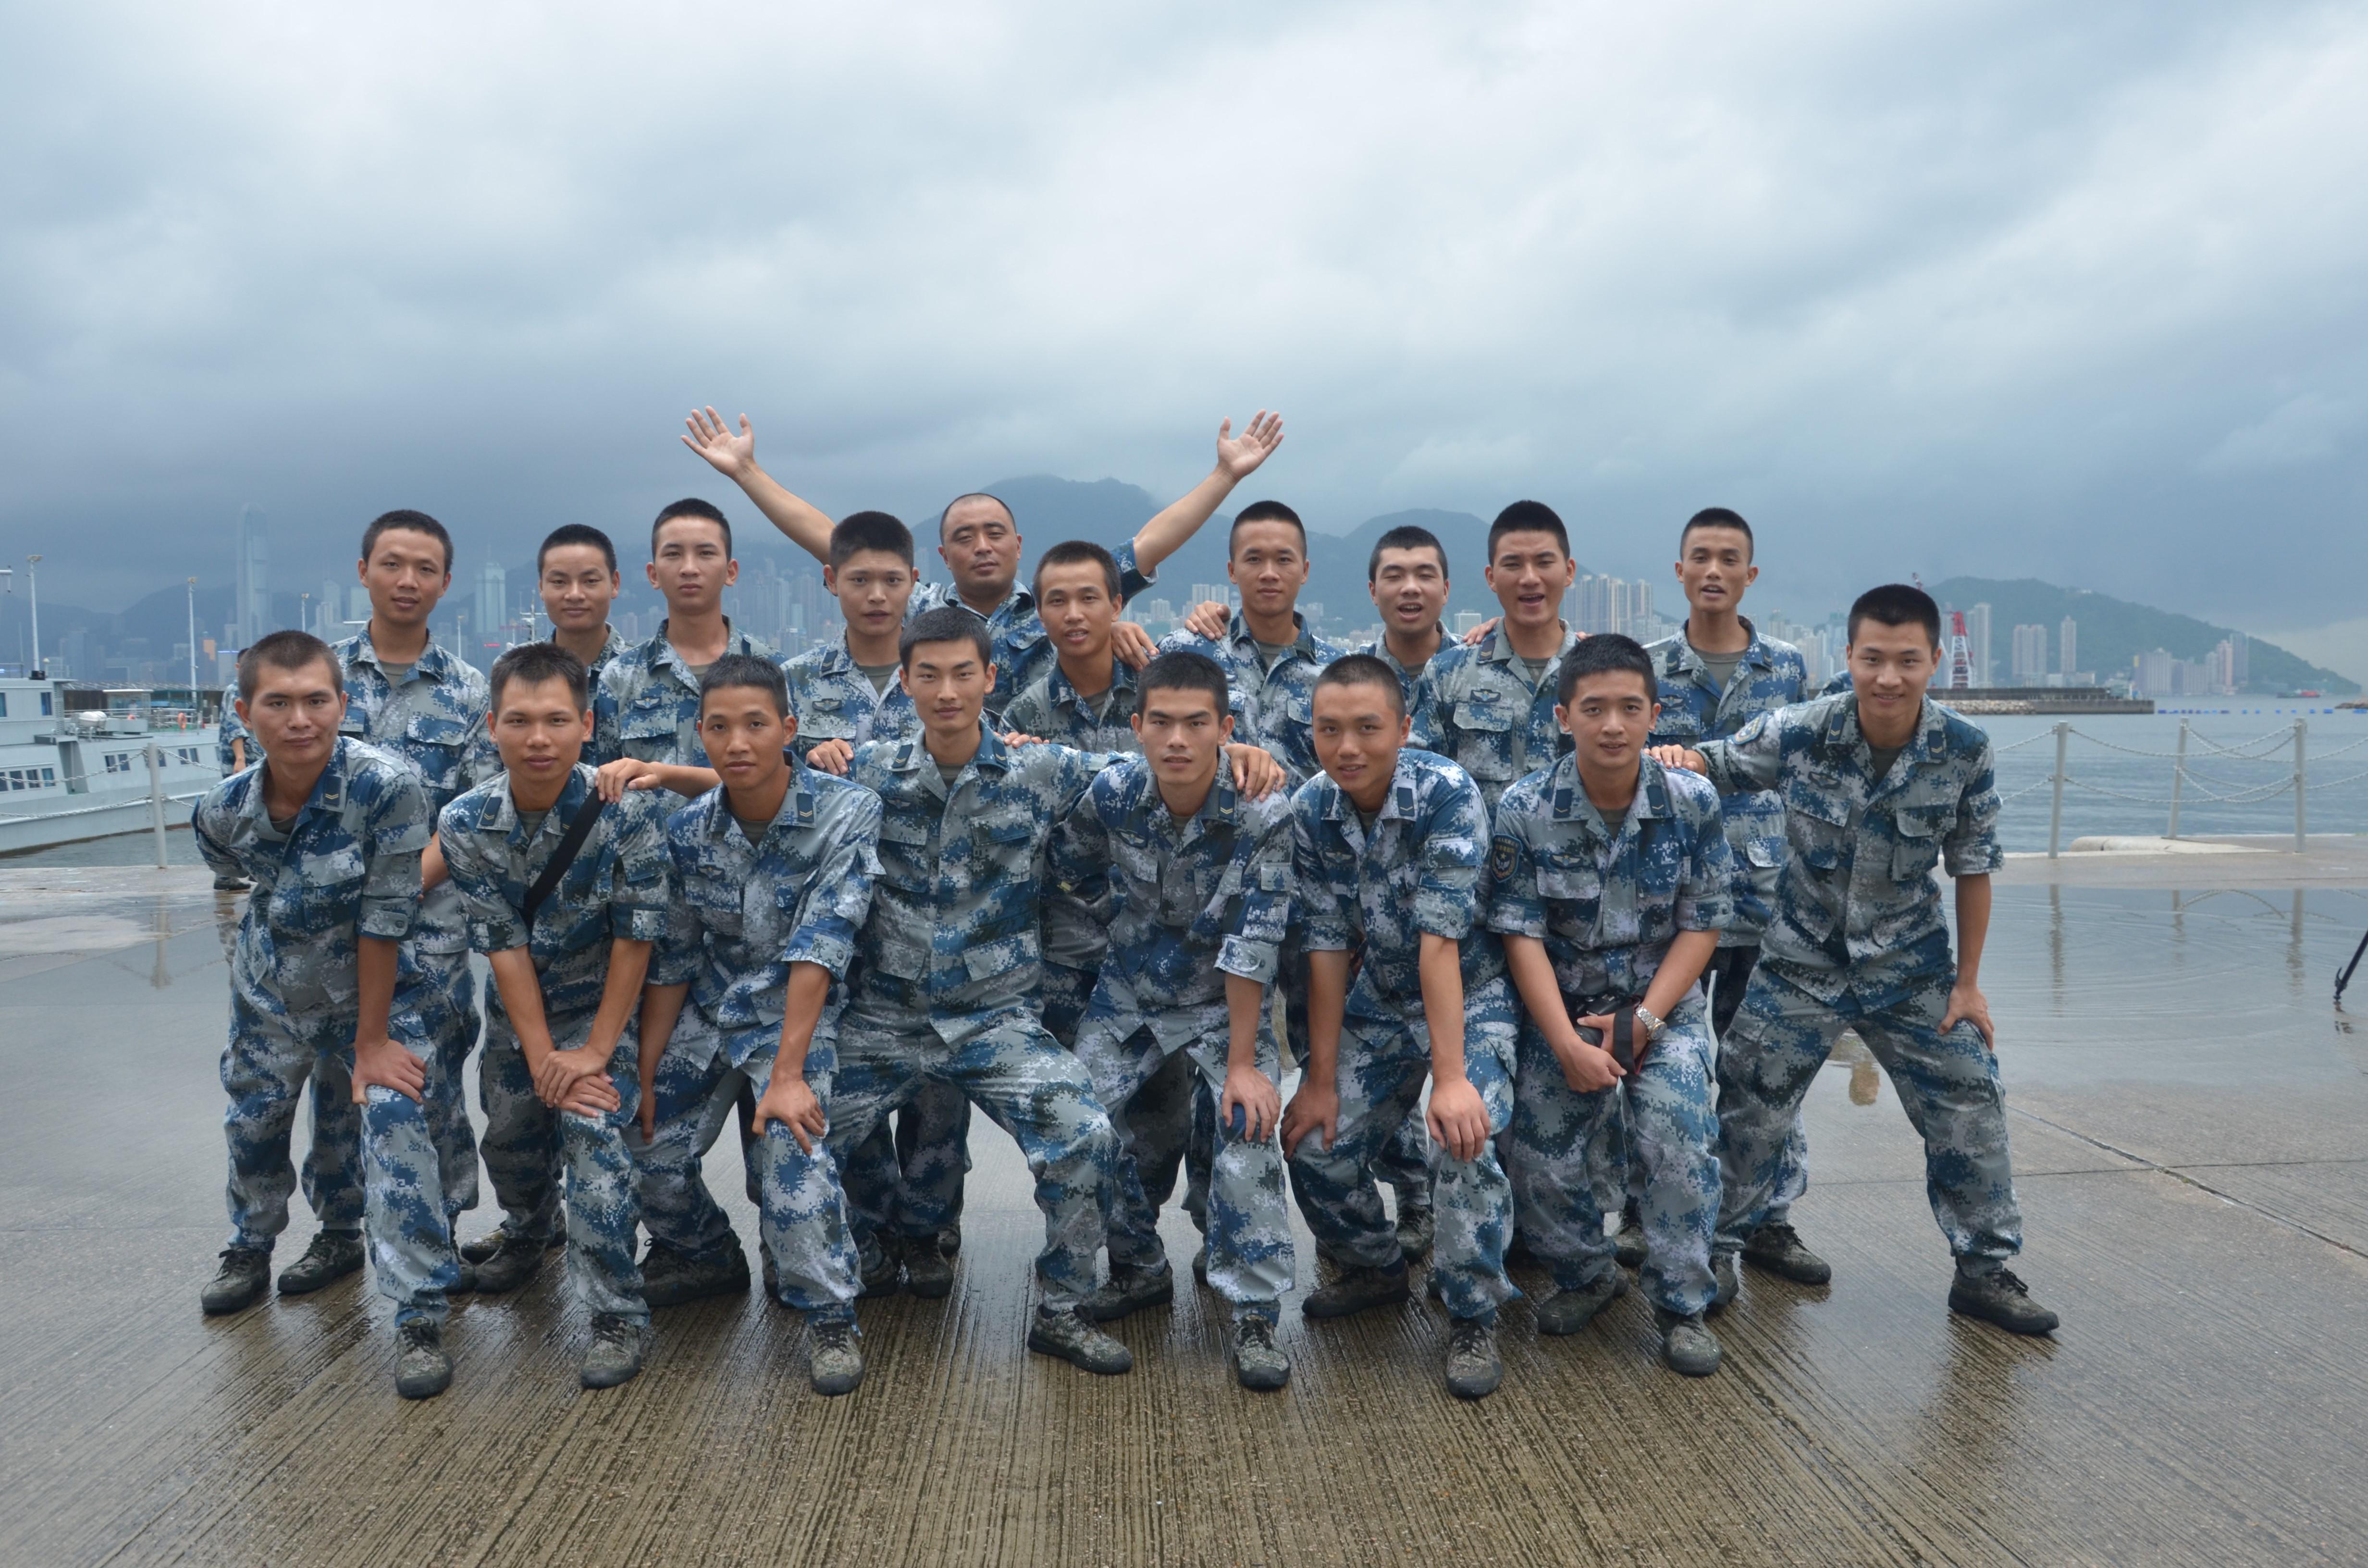 龙8国际娱乐long8.